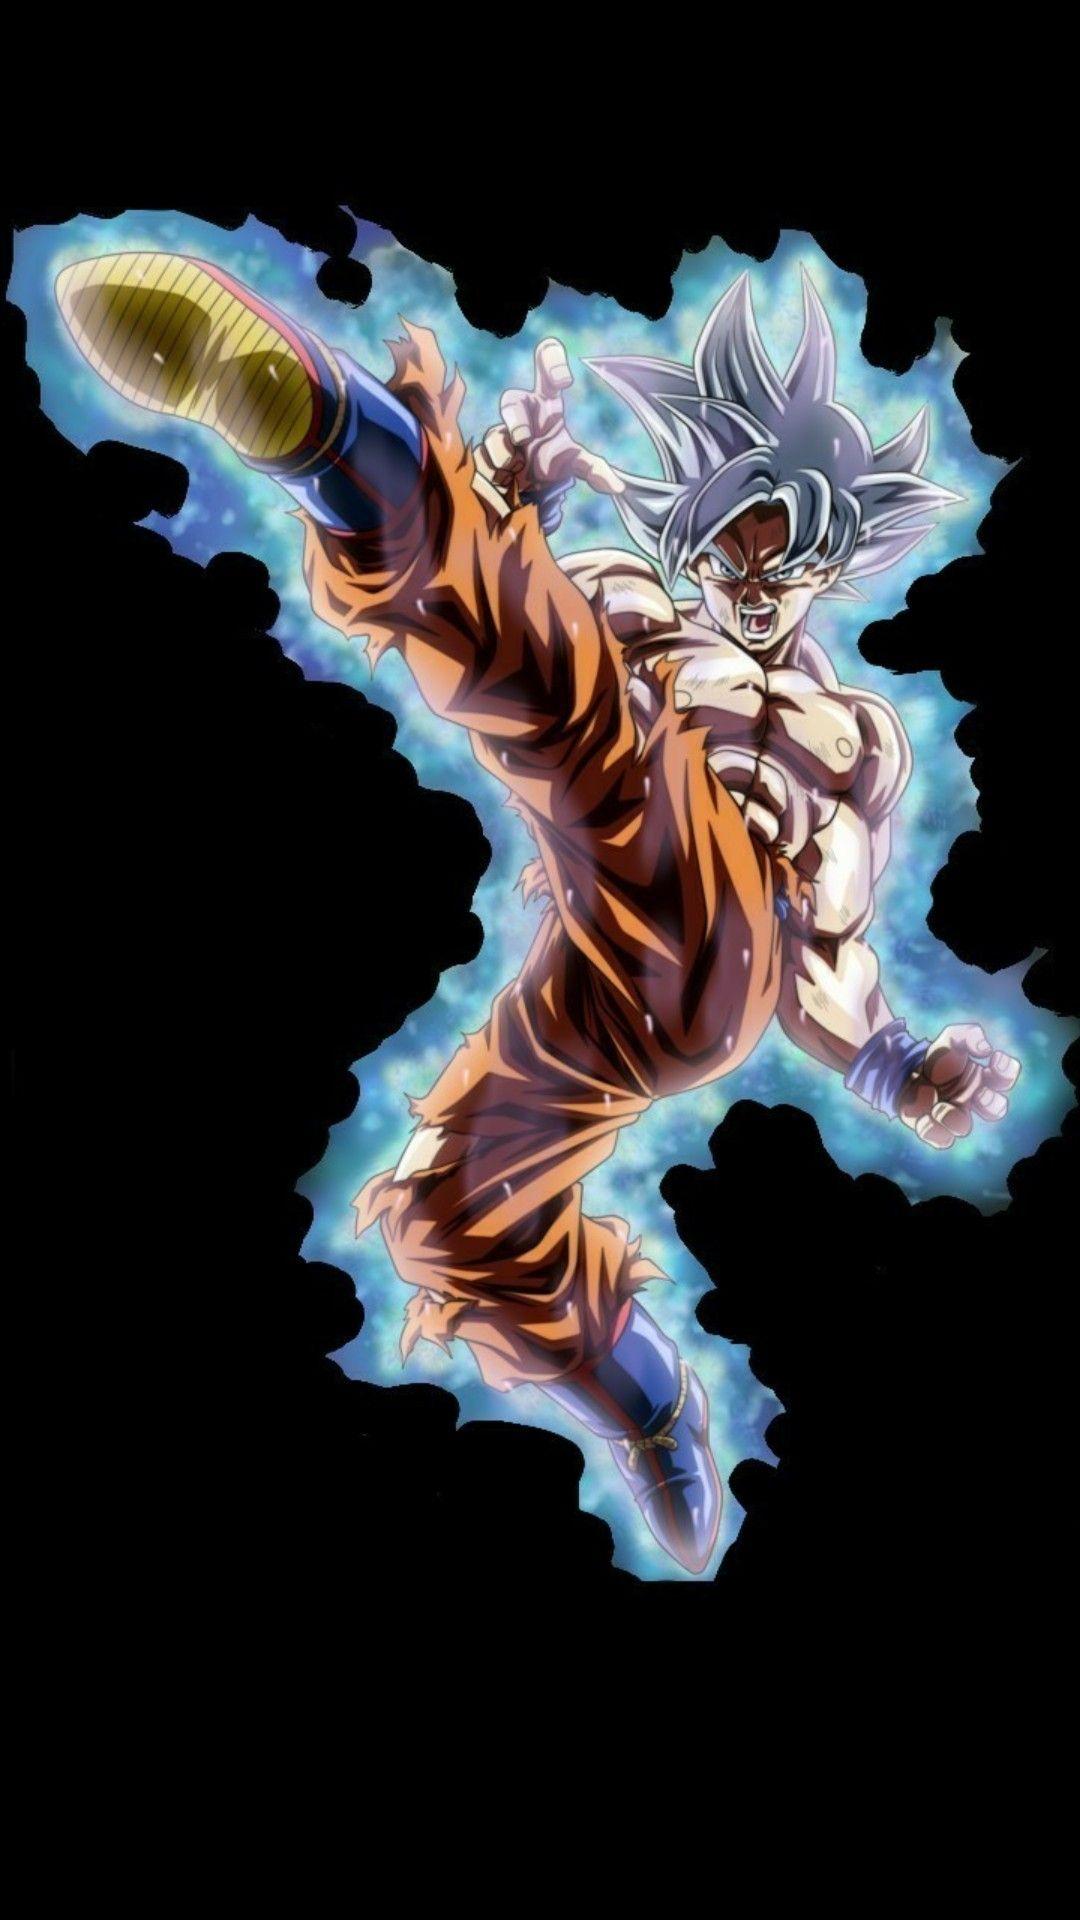 Goku Migatte No Gokui Dominado Personajes De Dragon Ball